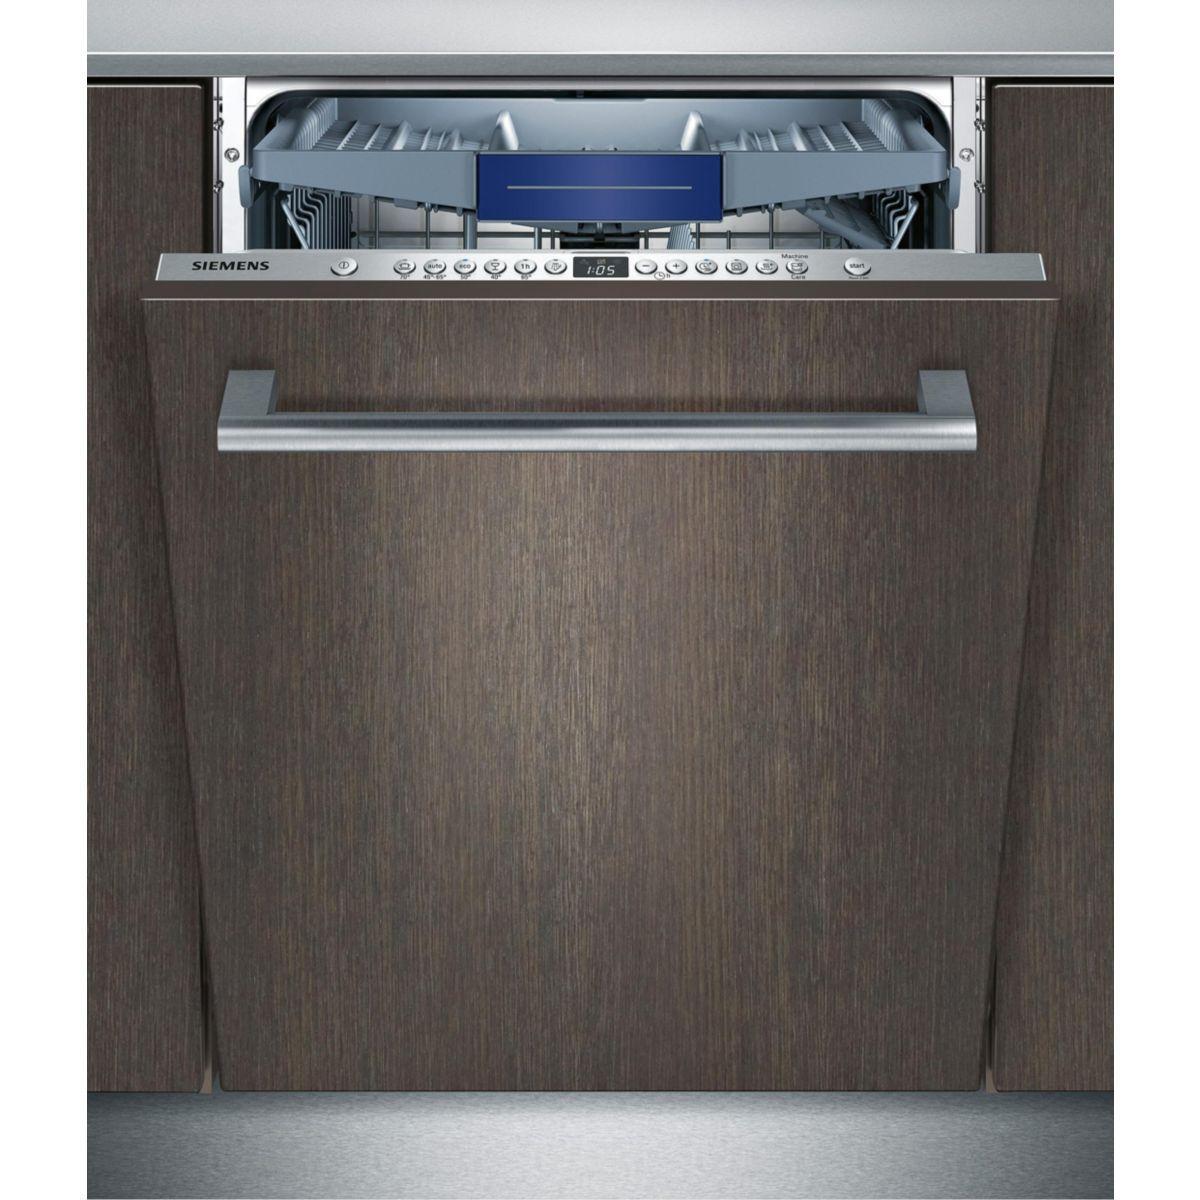 Lave vaisselle tout intégrable SIEMENS SX636X03ME